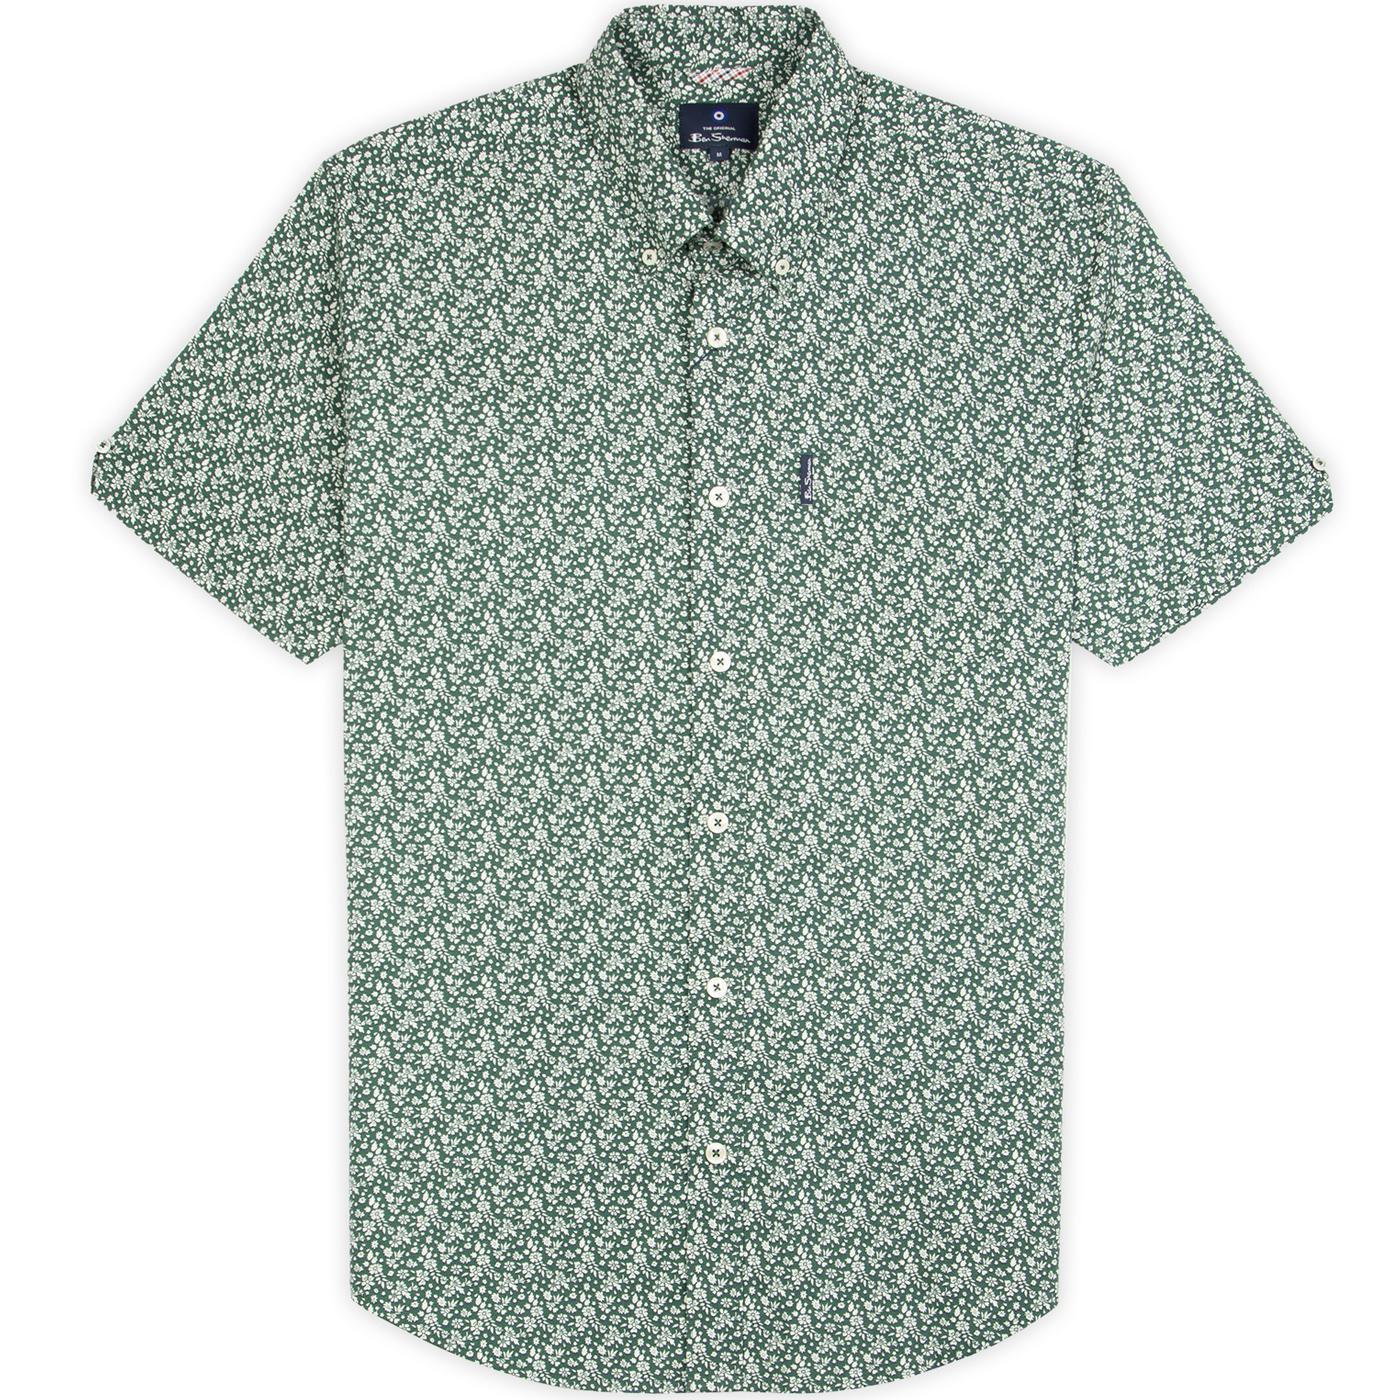 BEN SHERMAN 60s Mod Ditsy Floral Print Shirt (TG)